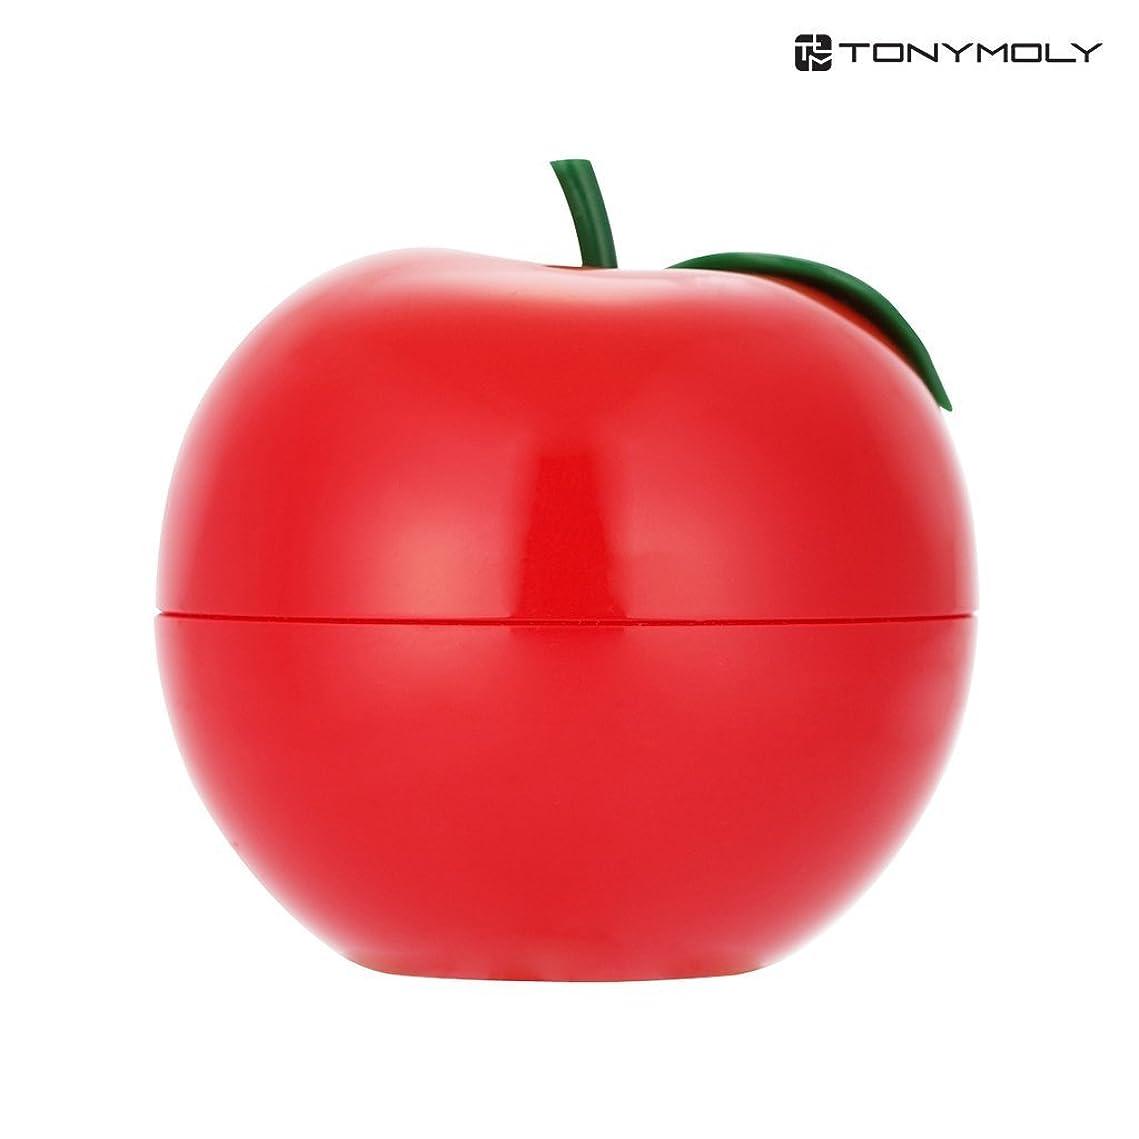 一誘導ネブTONYMOLY トニーモリー レッド?アップル?ハンドクリーム 30g (Red Apple Hand Cream) 海外直送品